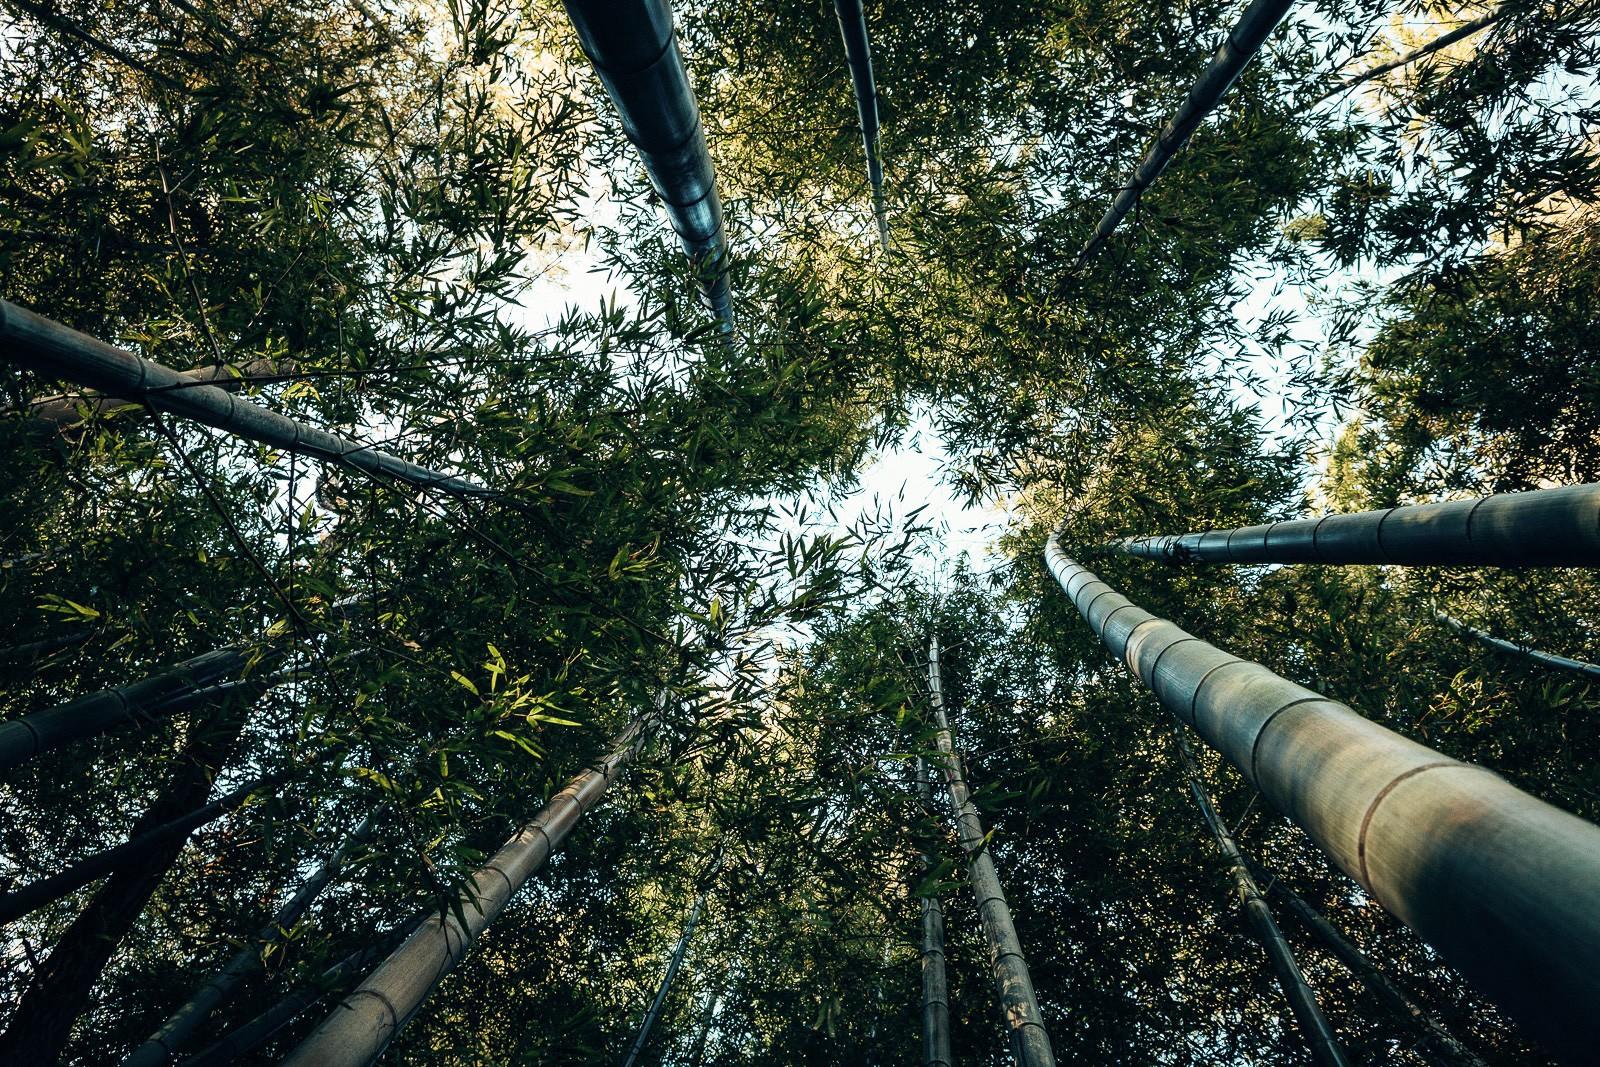 tokyo-trees-13.jpg